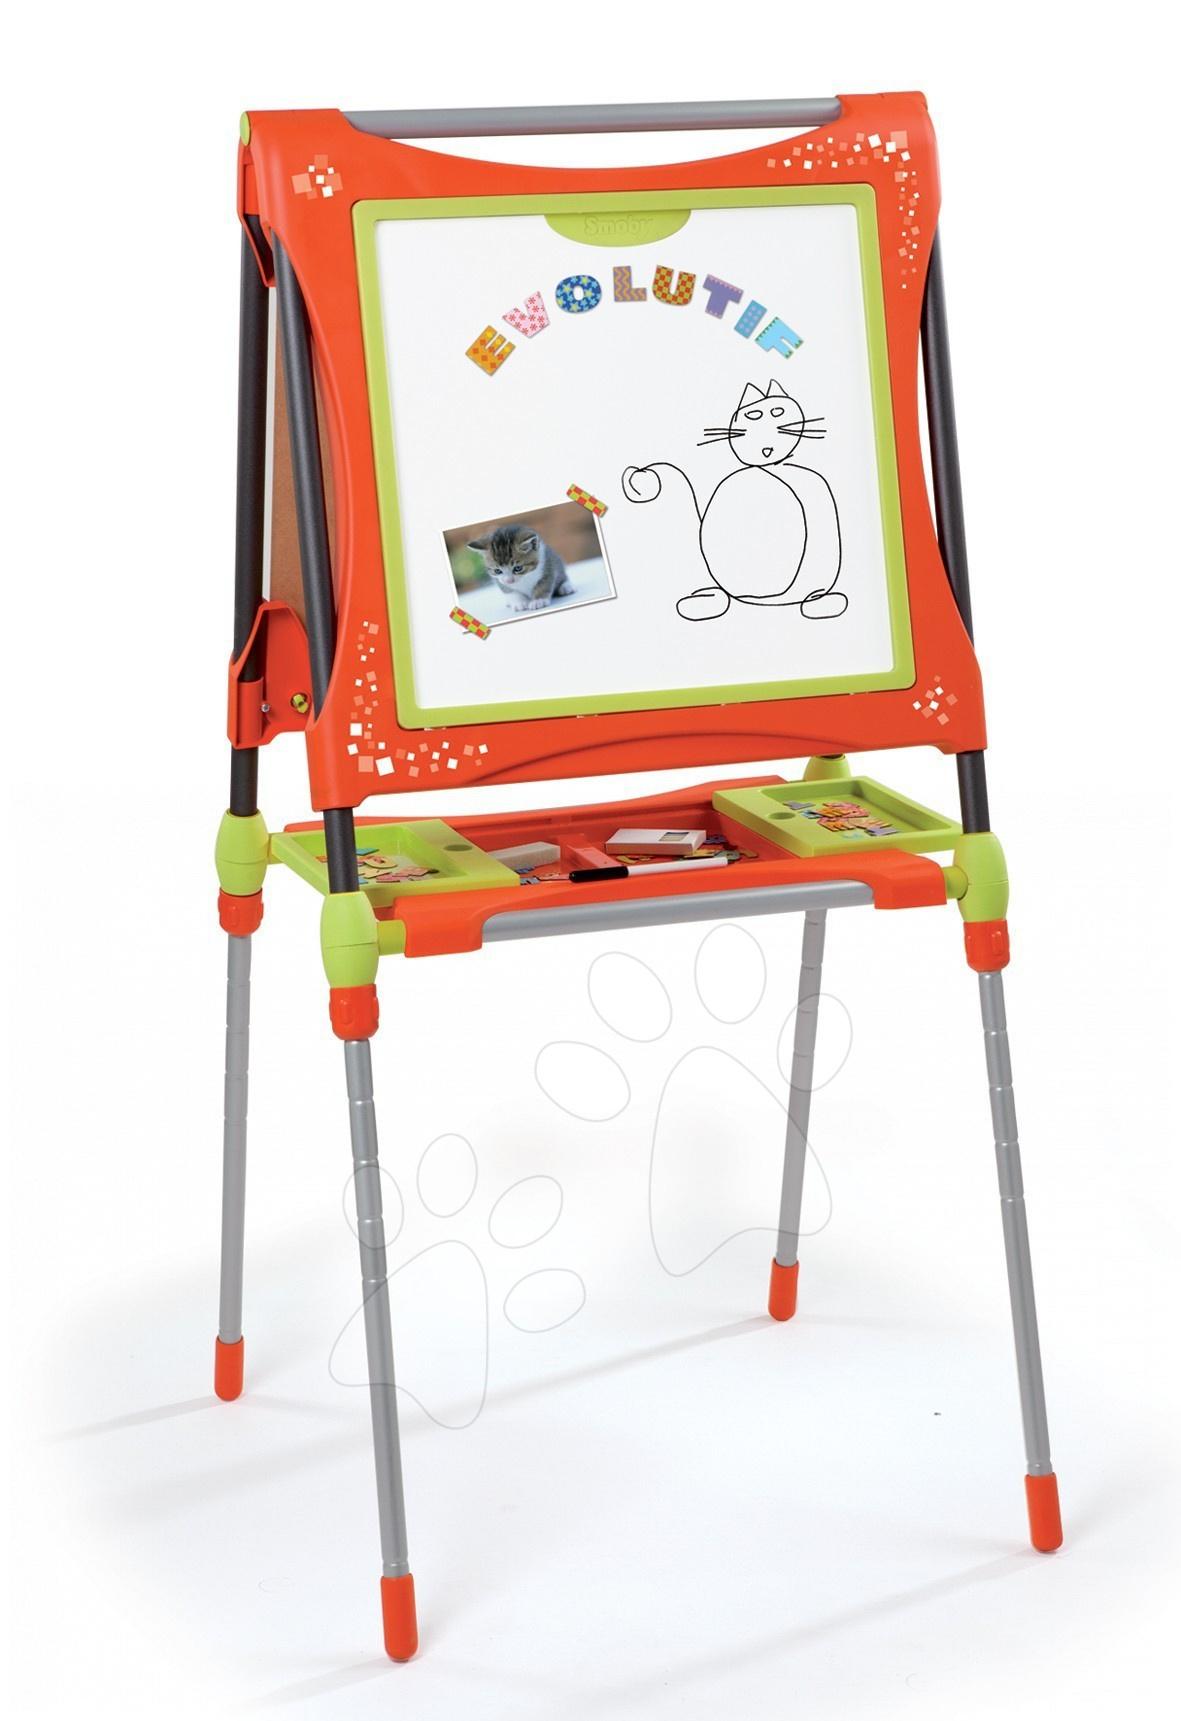 Staré položky - Školní magnetická tabule Smoby oboustranná, polohovatelná s kovovou konstrukcí a 61 doplňky oranžovo-zelená